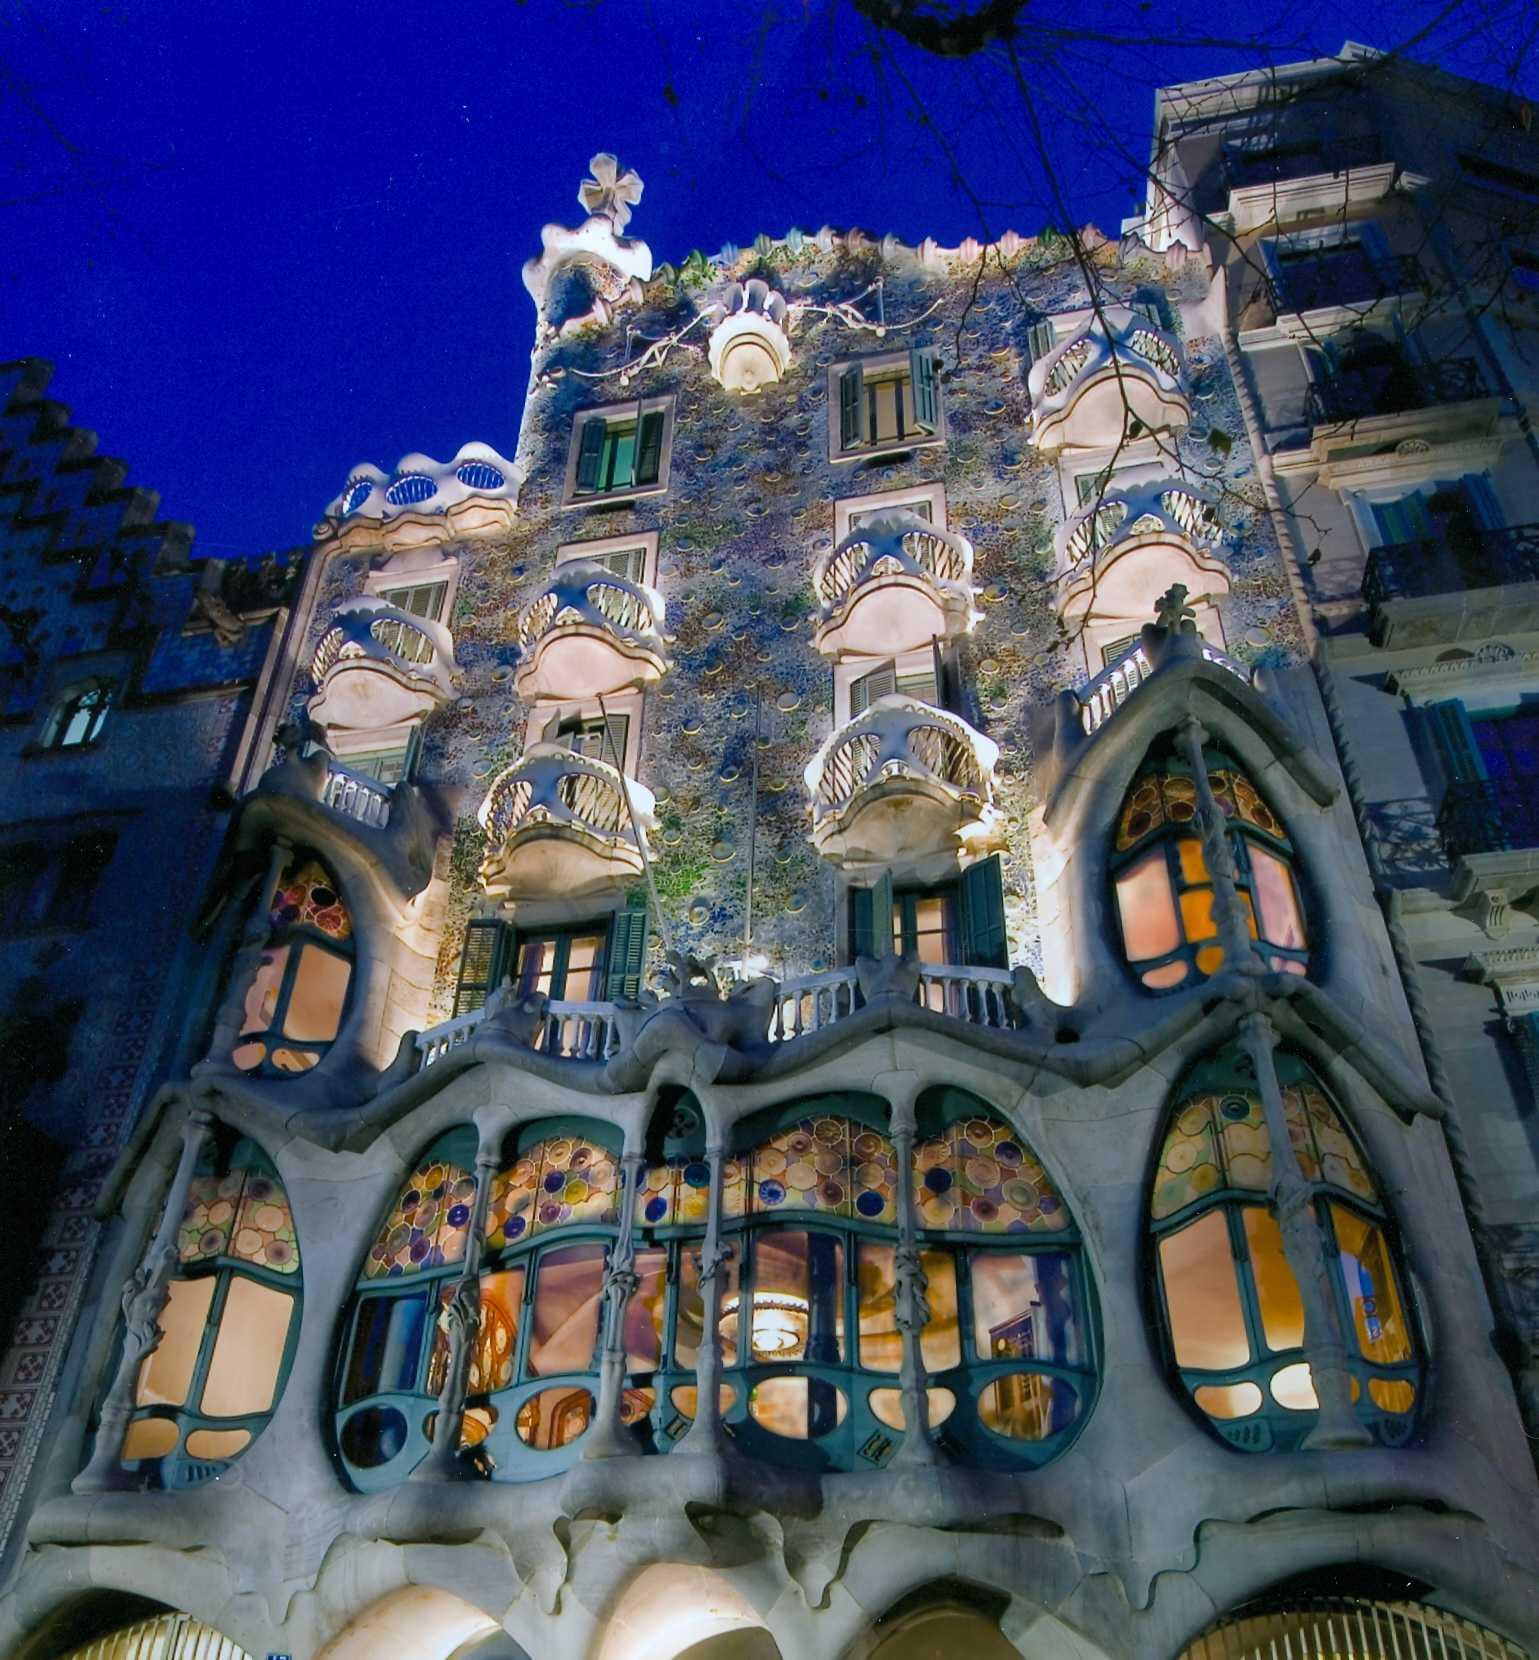 https://maessage.wordpress.com — photo prise la nuit de la Casa Batlló à Barcelone (Espagne), édifice de style moderniste entièrement restructuré par l'architecte et designer espagnol Antoni Gaudí